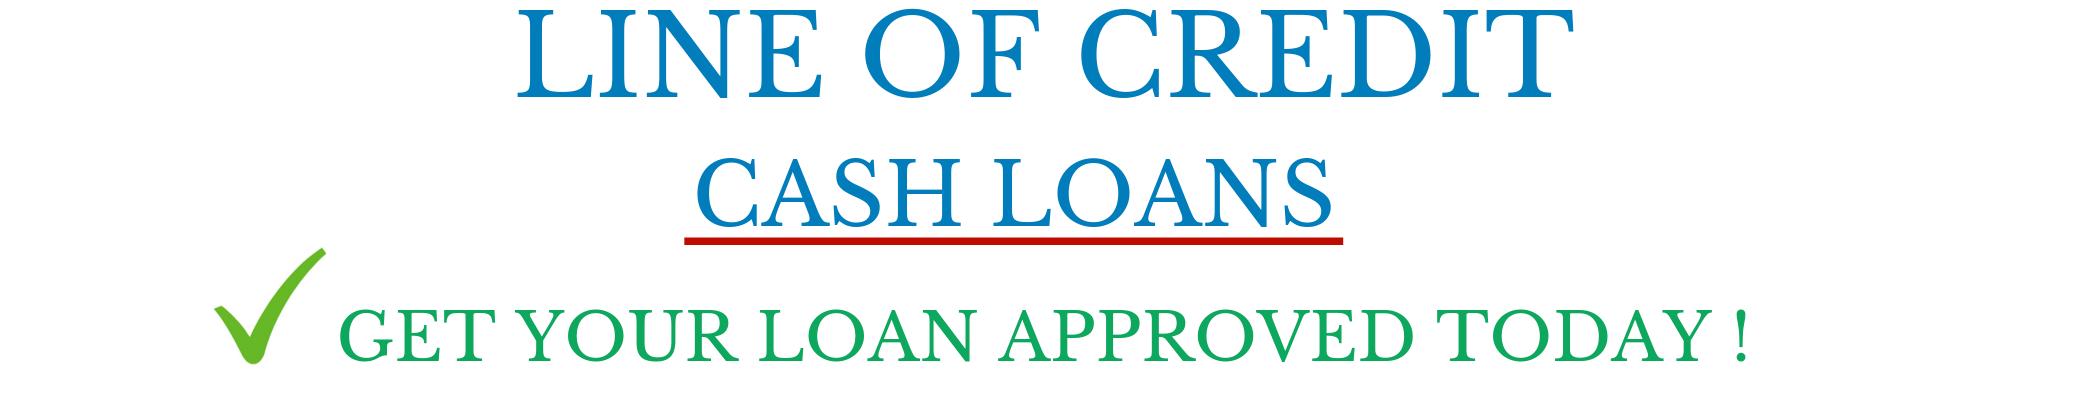 Quick Cash Loans Approvals Australia